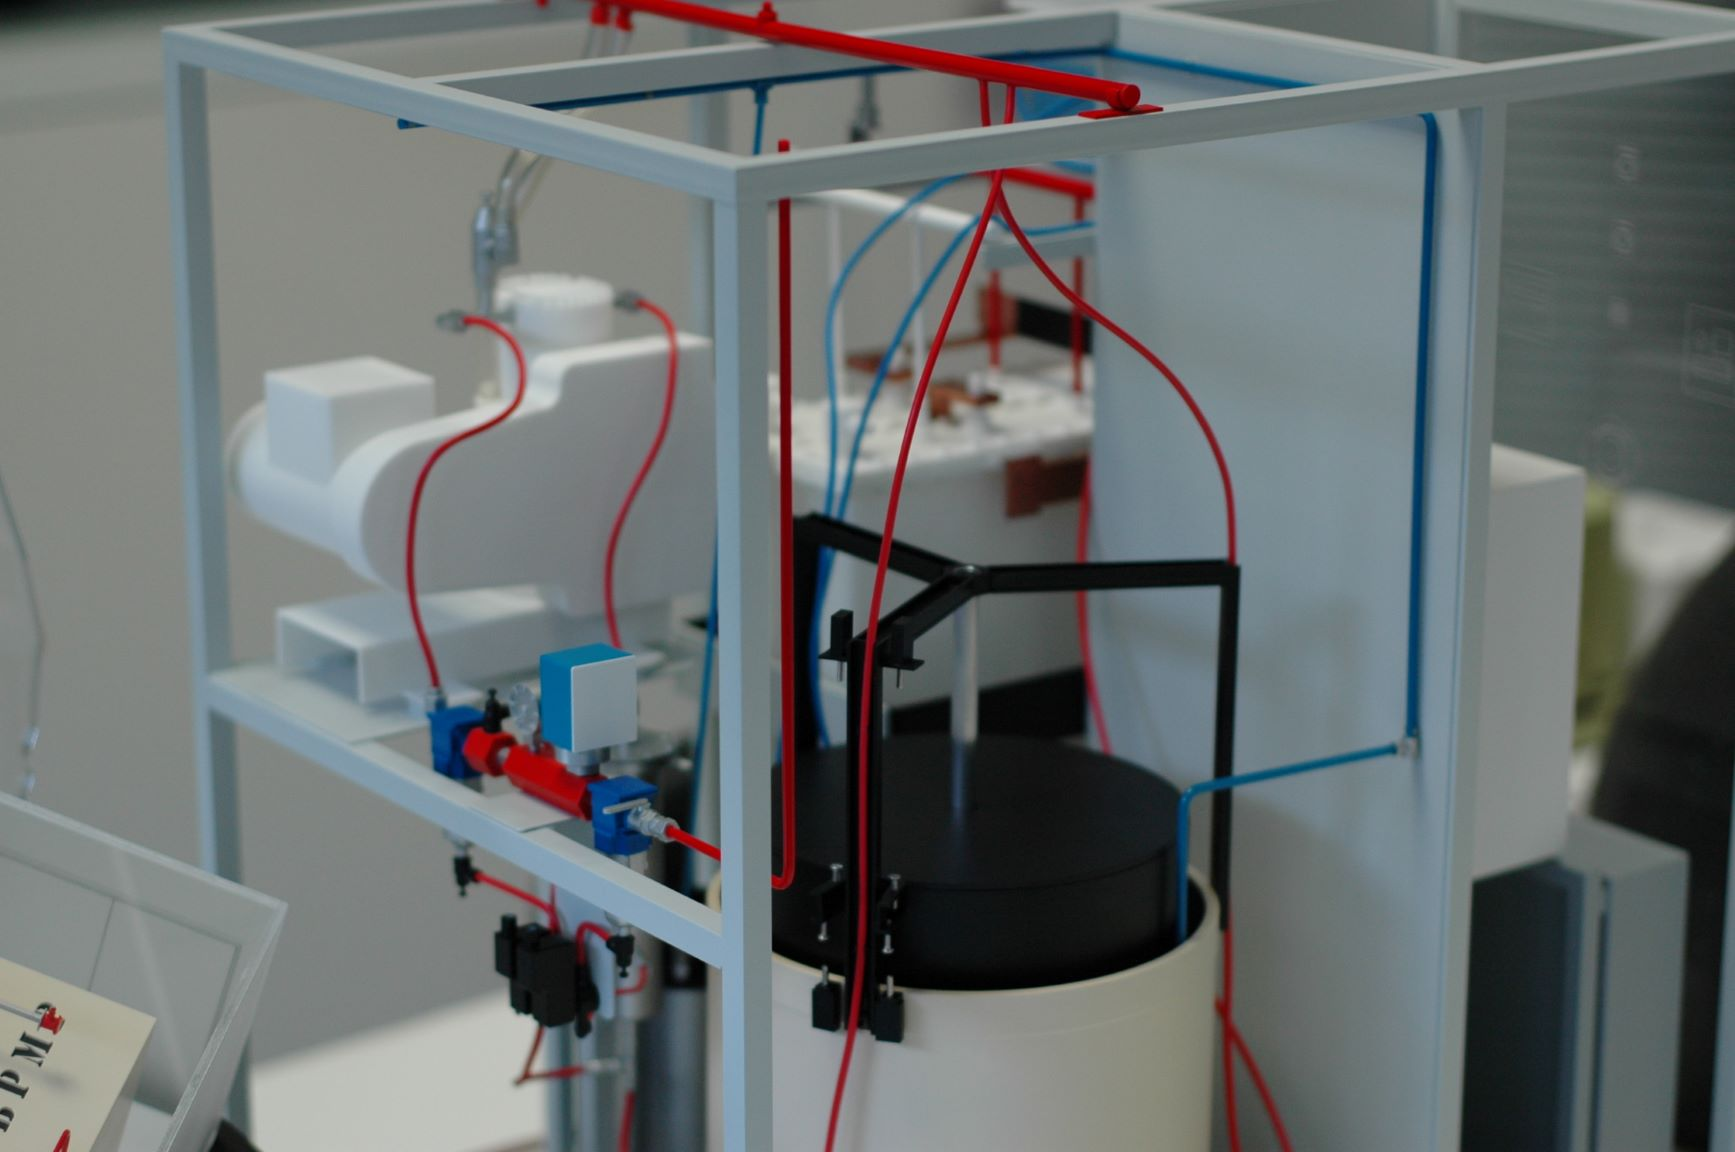 Sagim - Générateur d'Hydrogène échelle 1/4 programmation arduino led moteur